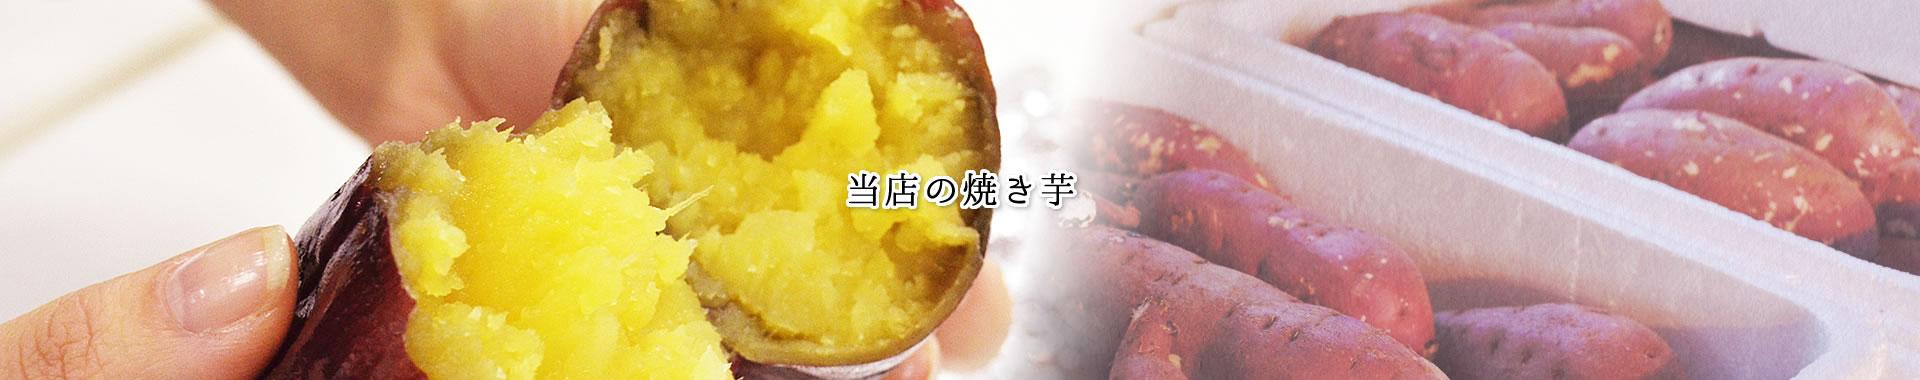 当店の焼き芋